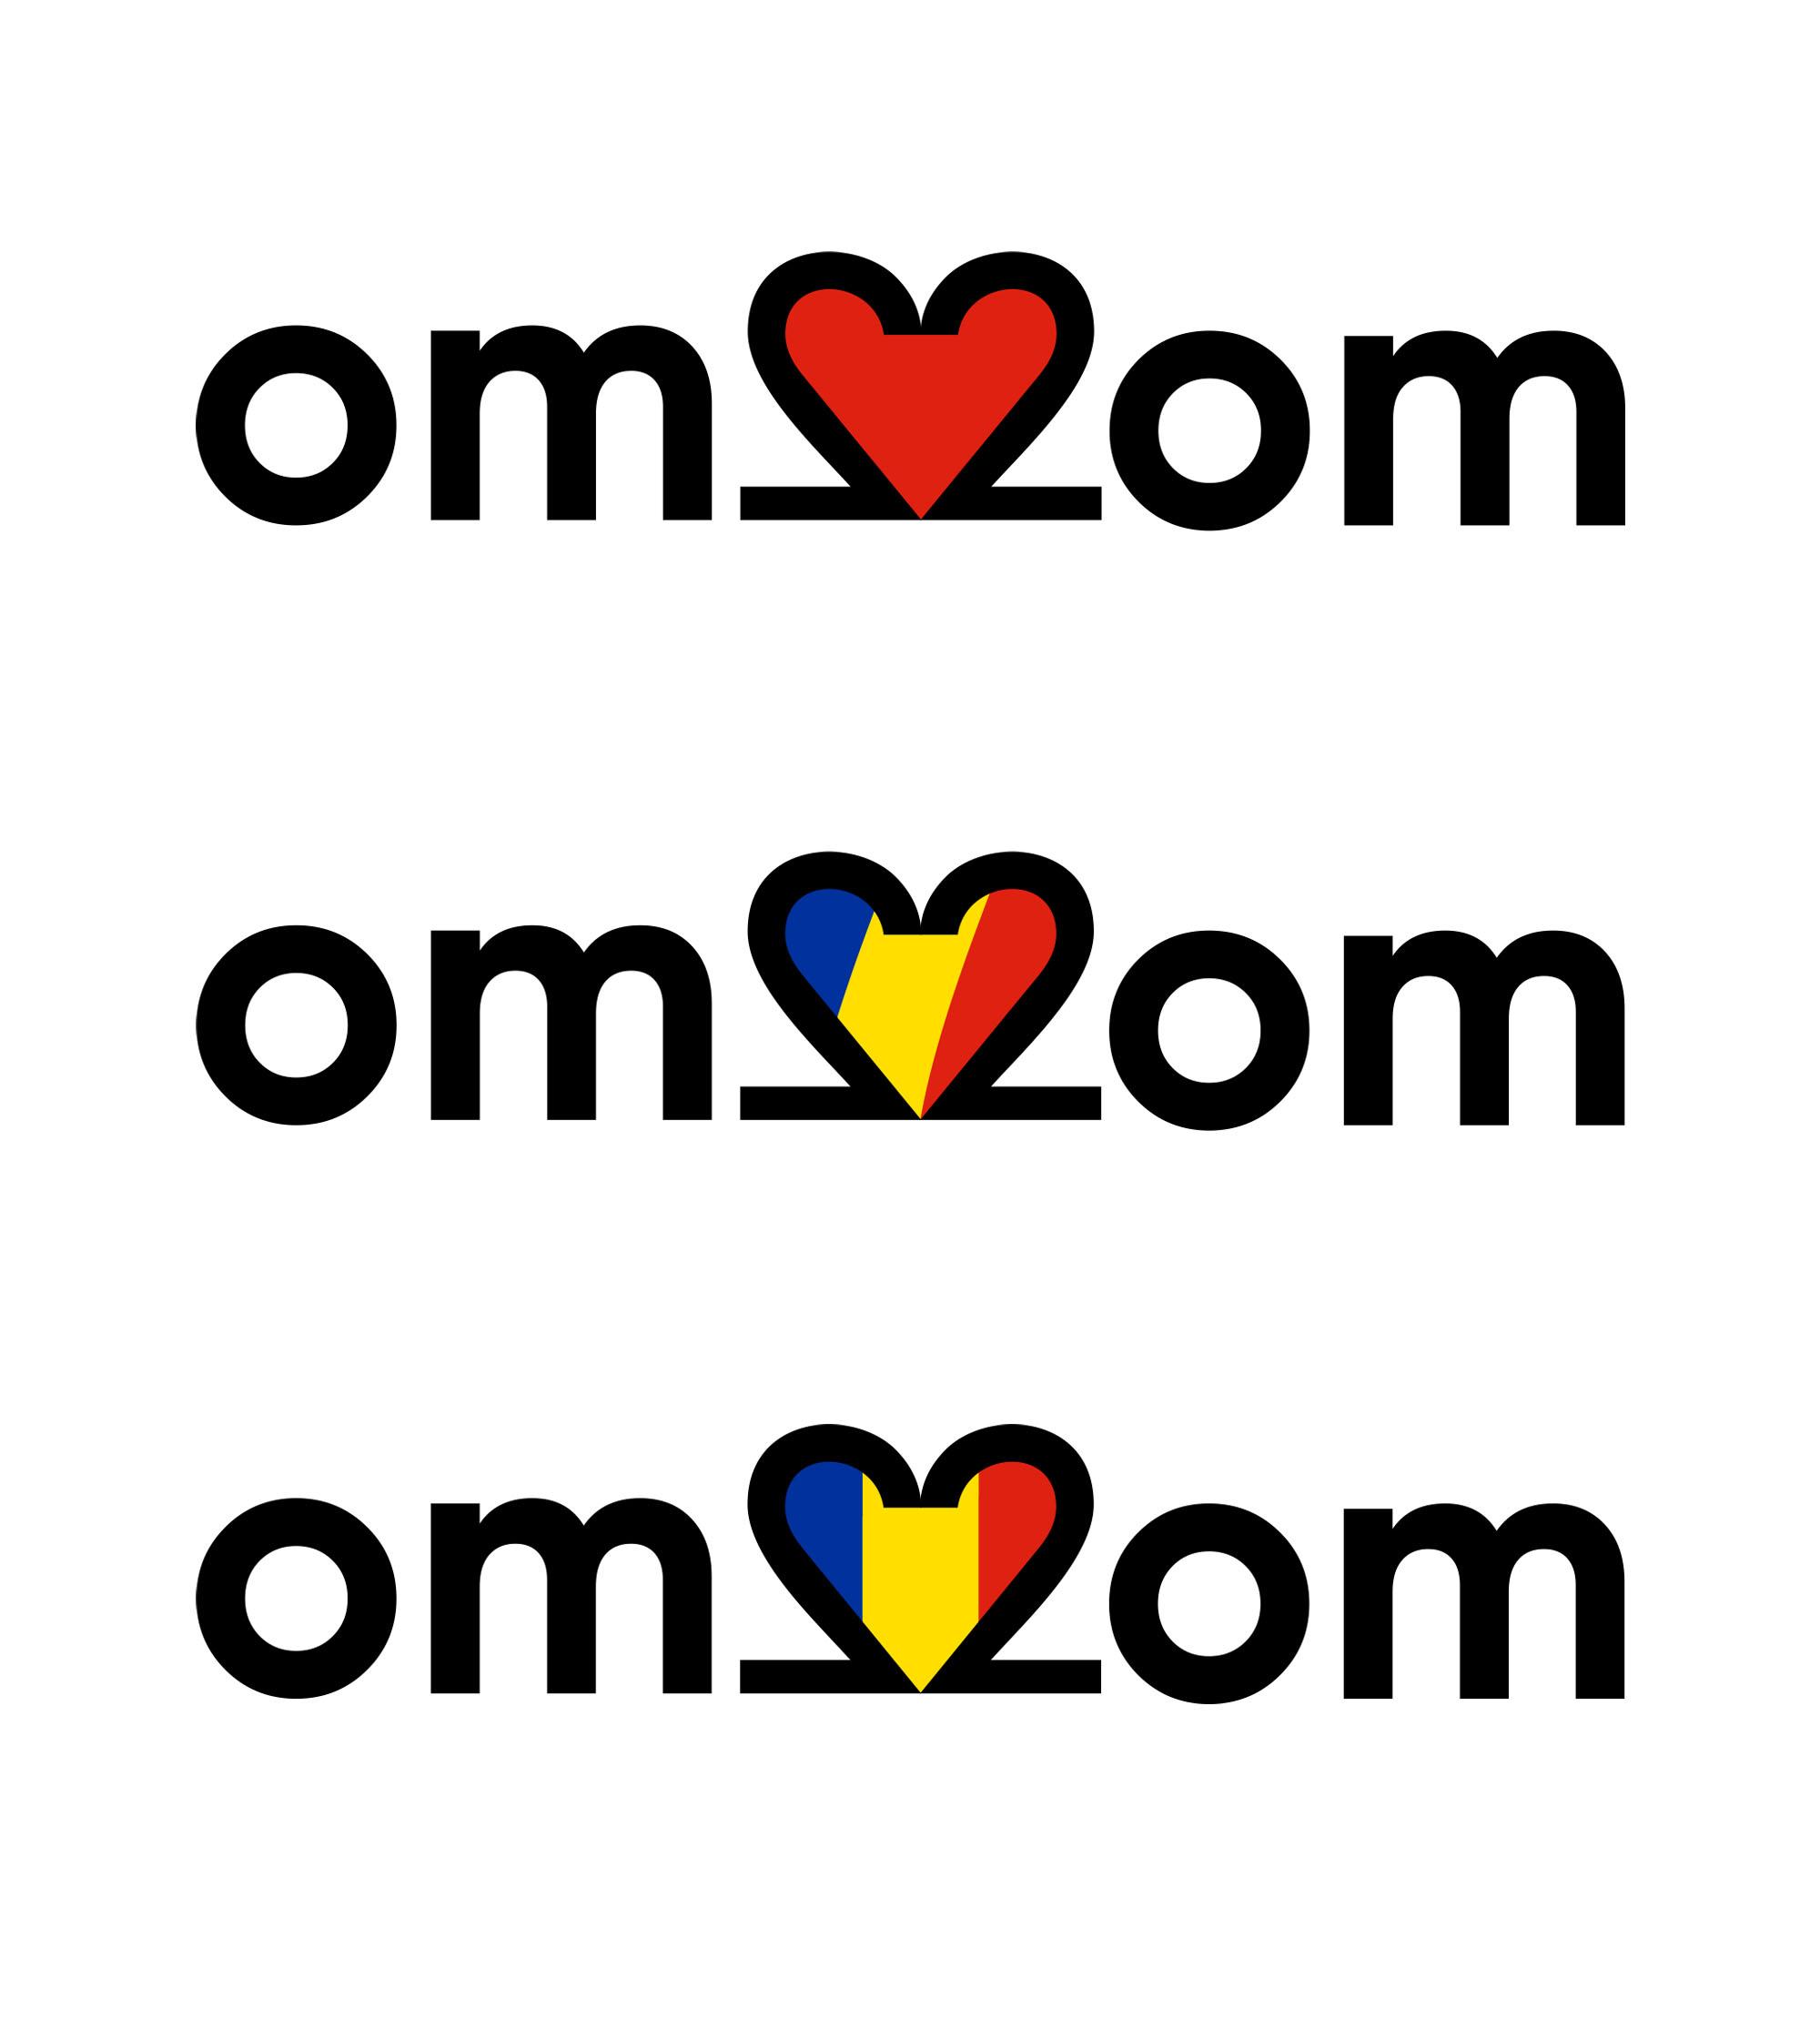 Разработка логотипа для краудфандинговой платформы om2om.md фото f_0725f588a462ce85.jpg